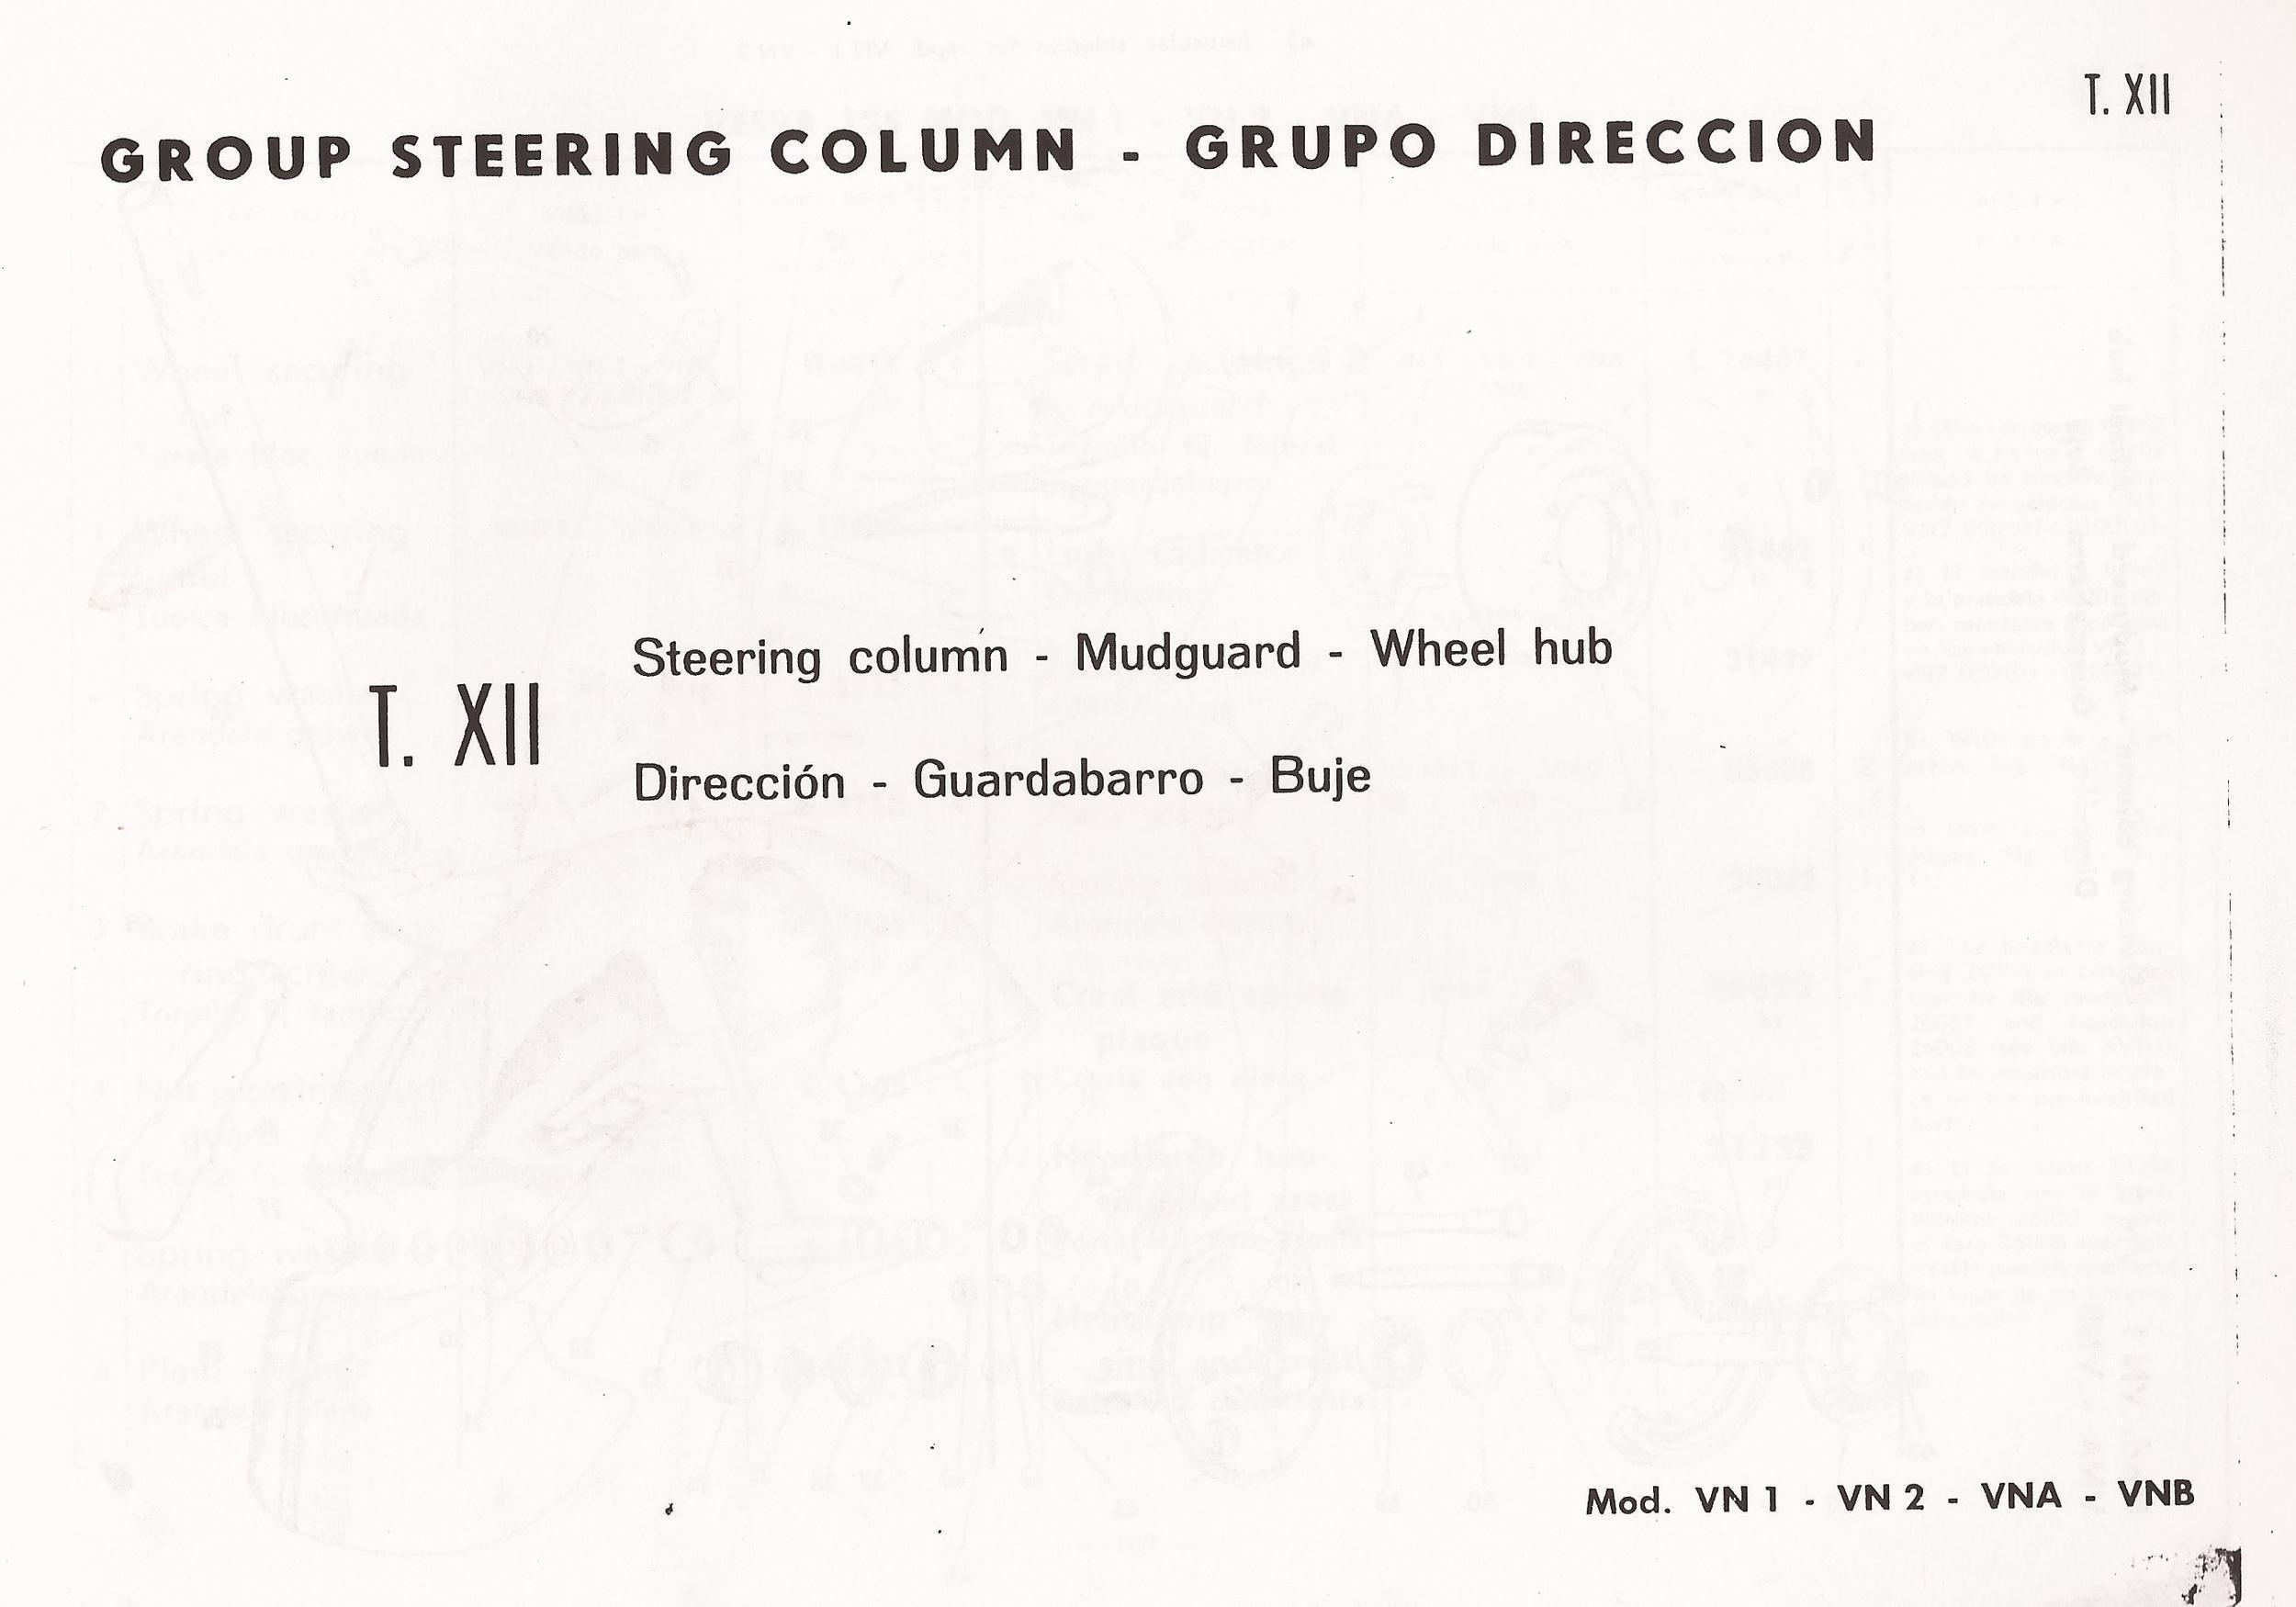 07-16-2013 vespa 125 catalog manuel 112.jpg